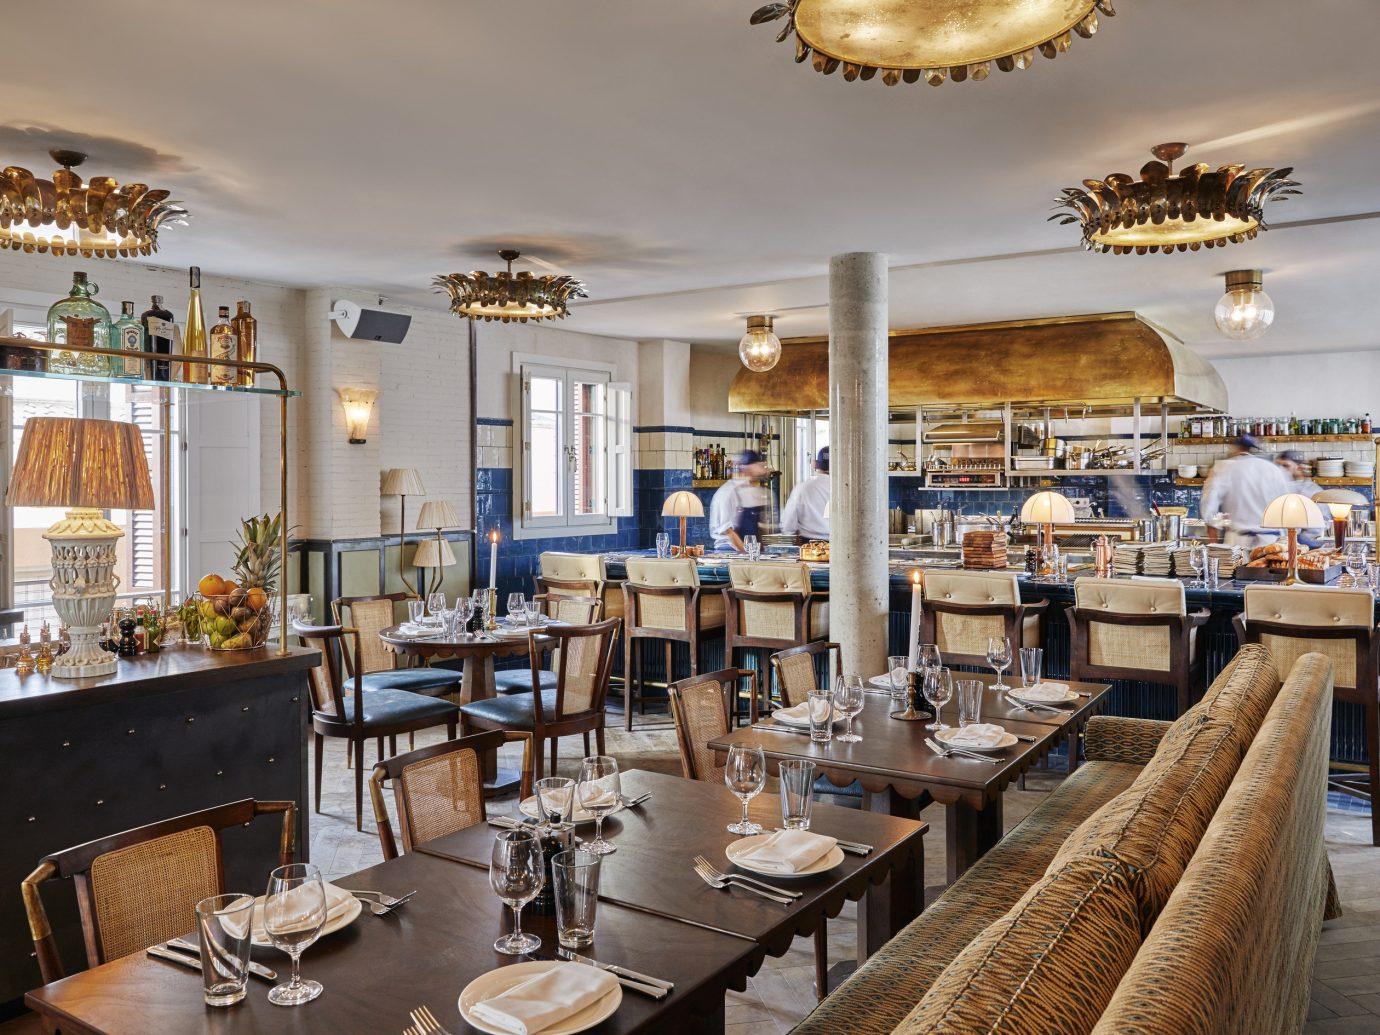 Barcelona Hotels Spain indoor property room restaurant meal ceiling interior design estate café Boutique Lobby Bar furniture several